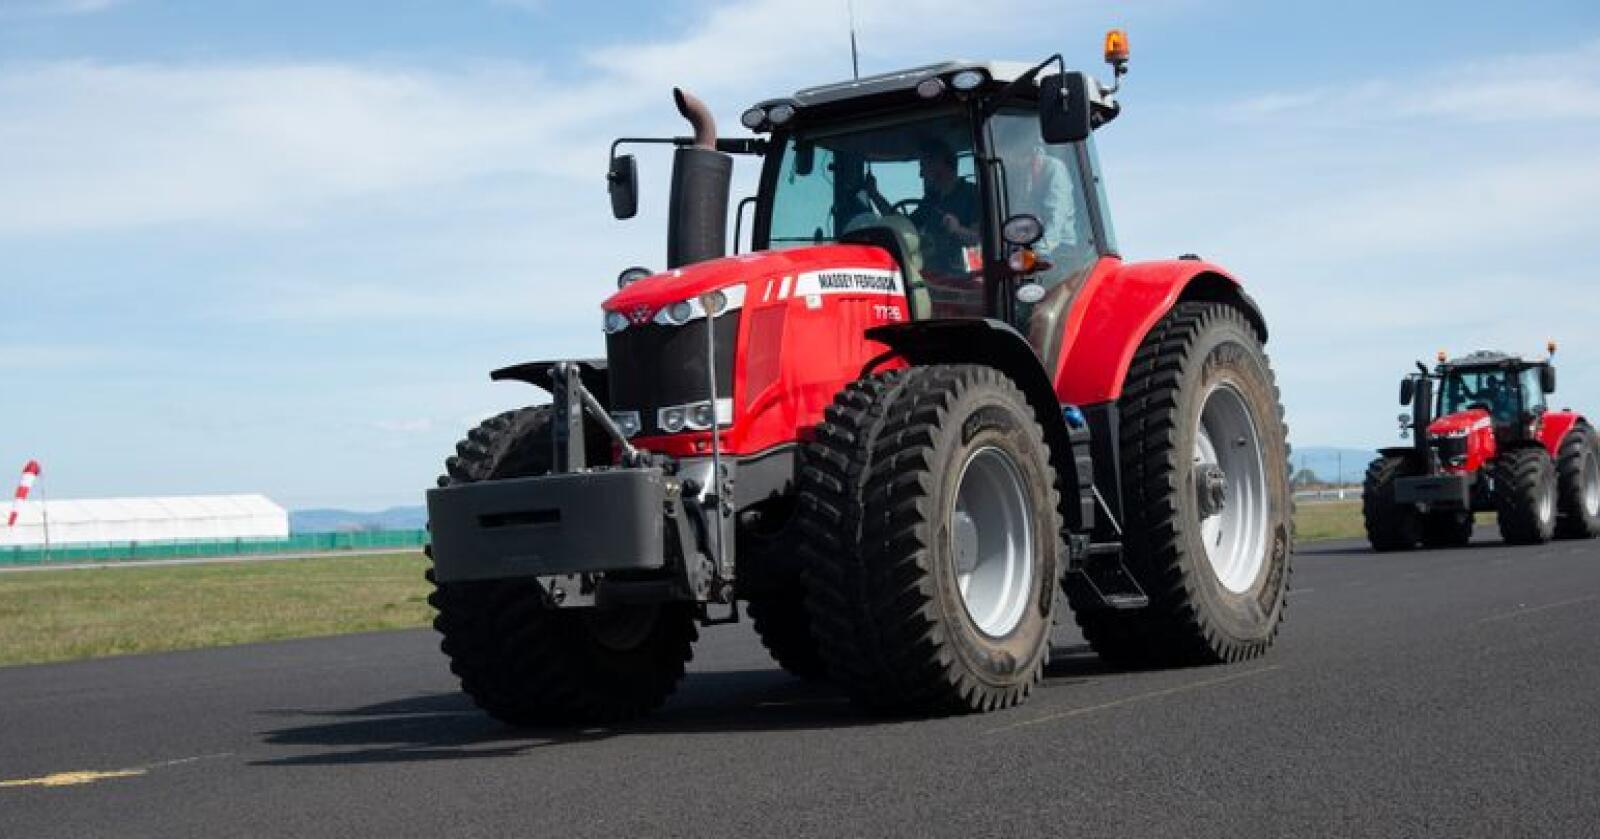 Designet for formålet: Tradisjonelt traktormønster har sine svakheter ved hyppig veikjøring. Traktordekk for den slags bruk blir stadig mer lik bildekk. Roadbib er dessuten prefabrikkert for pigging.